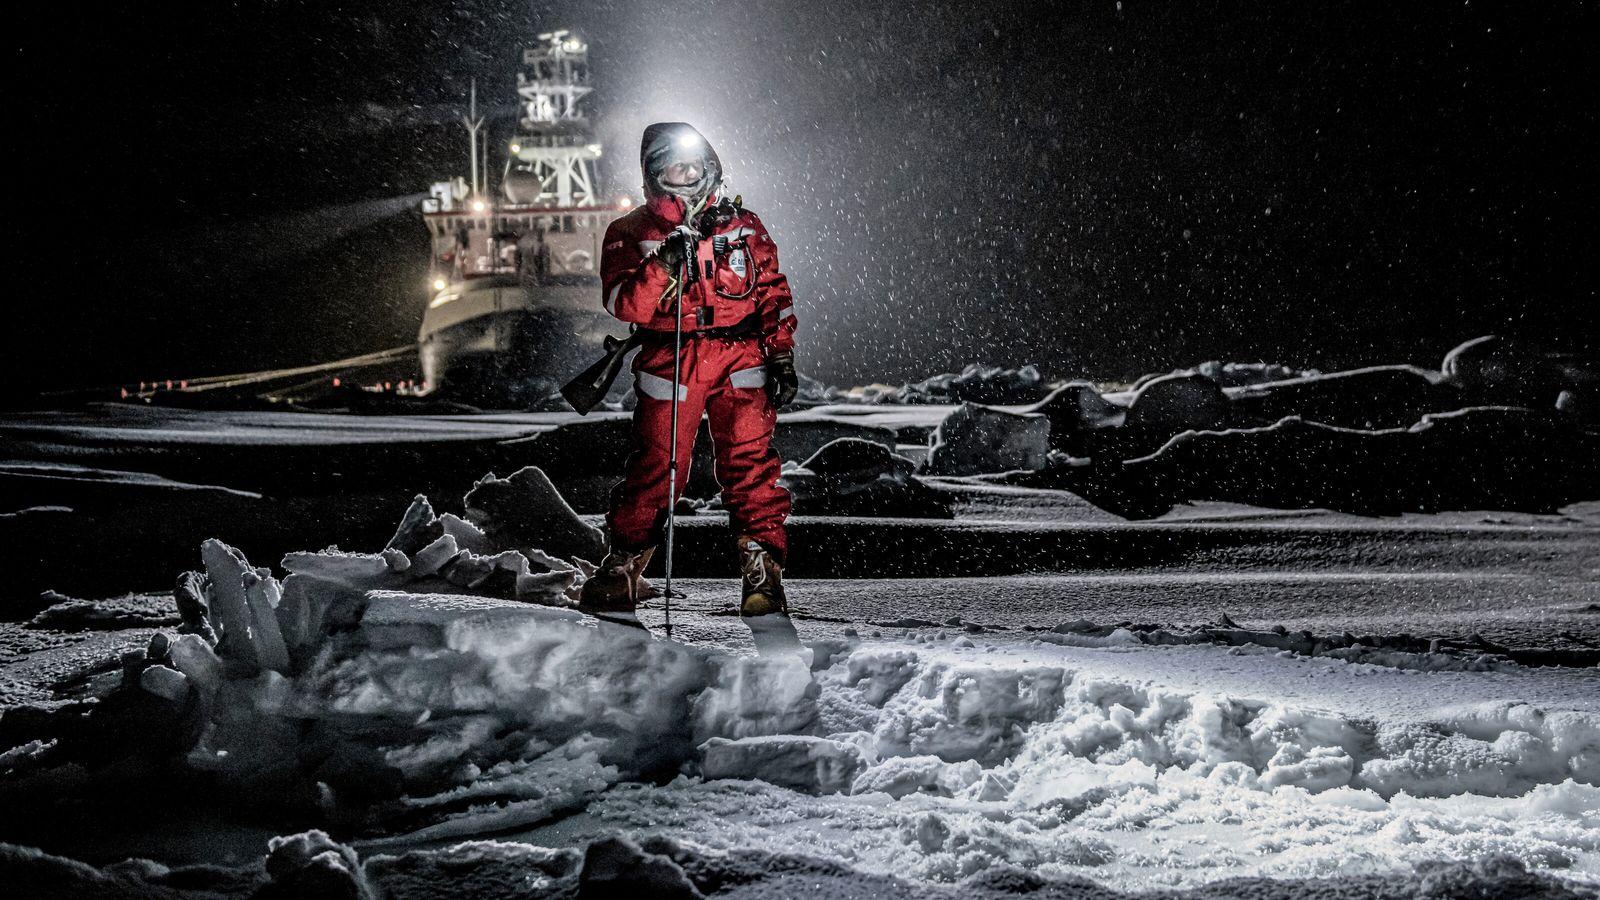 Eisbärenwache auf dem Eis des Arktischen Ozeans